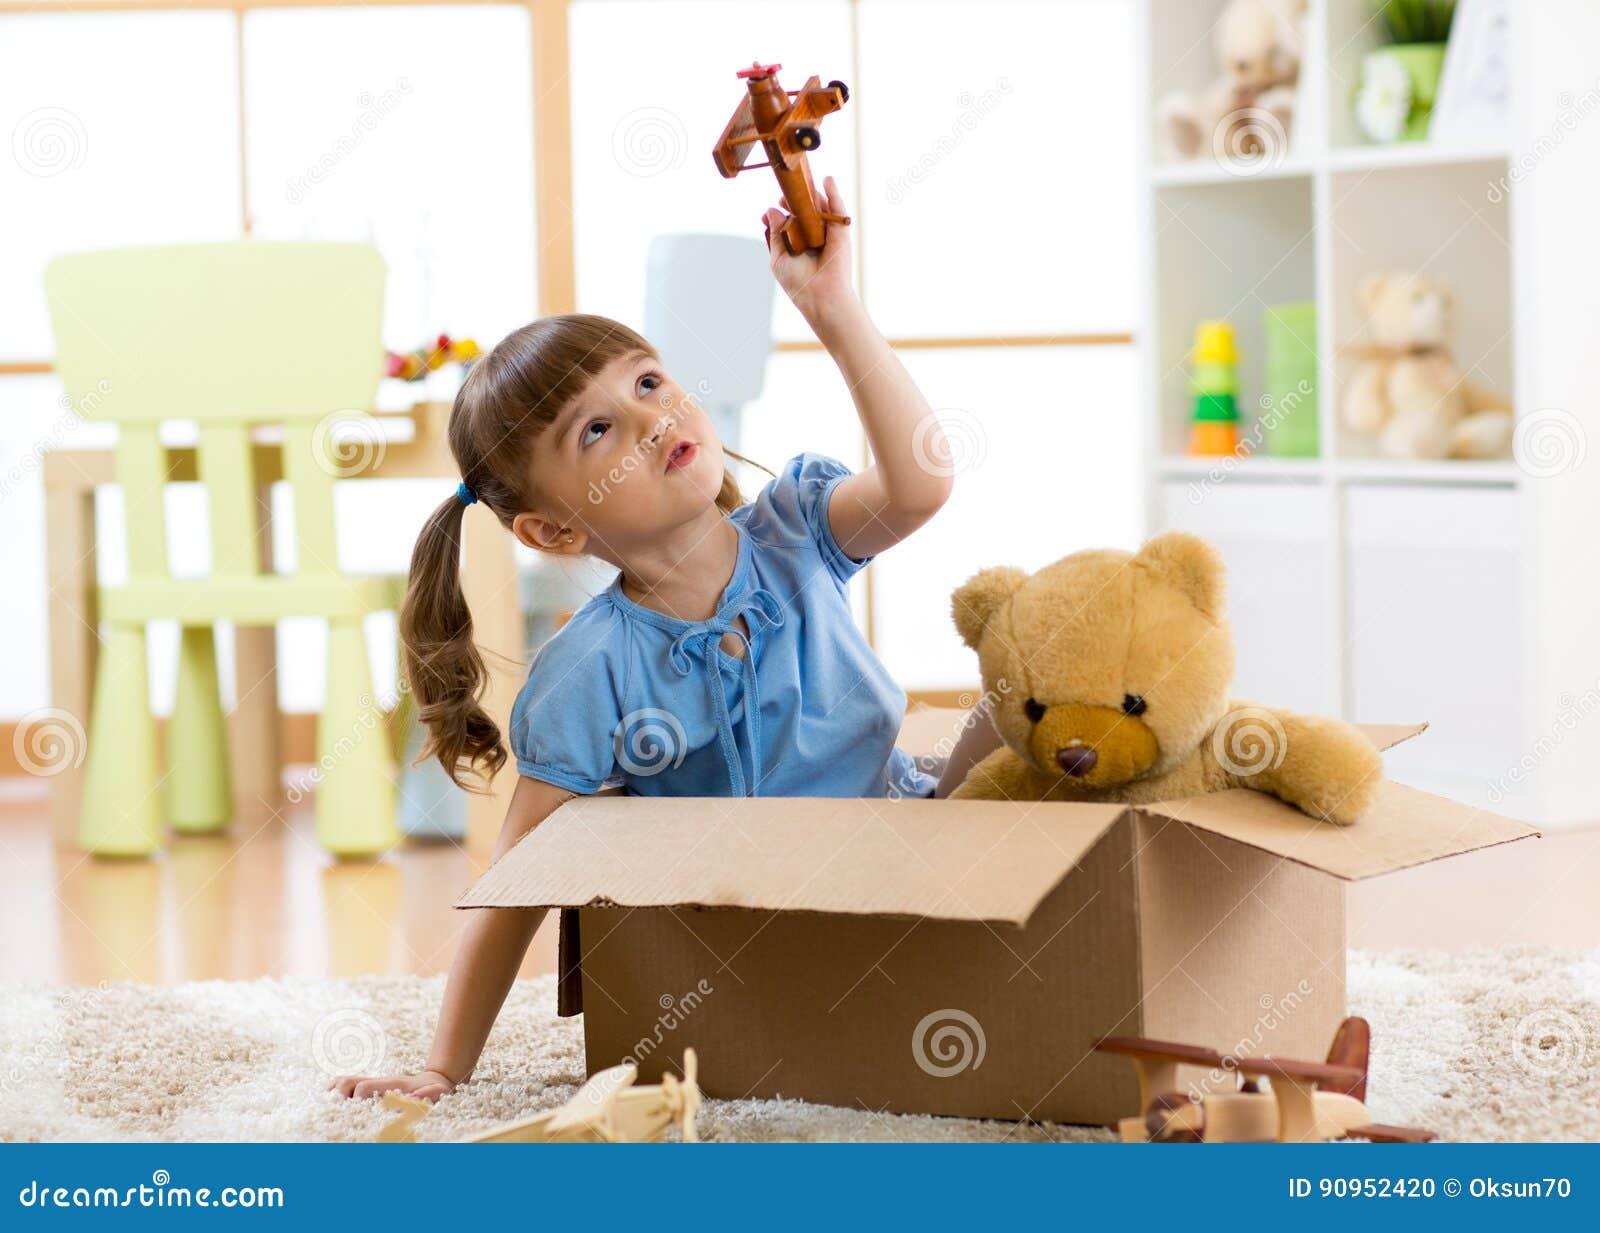 Ребенк играя с плоской игрушкой дома Концепция перемещения, свободы и воображения